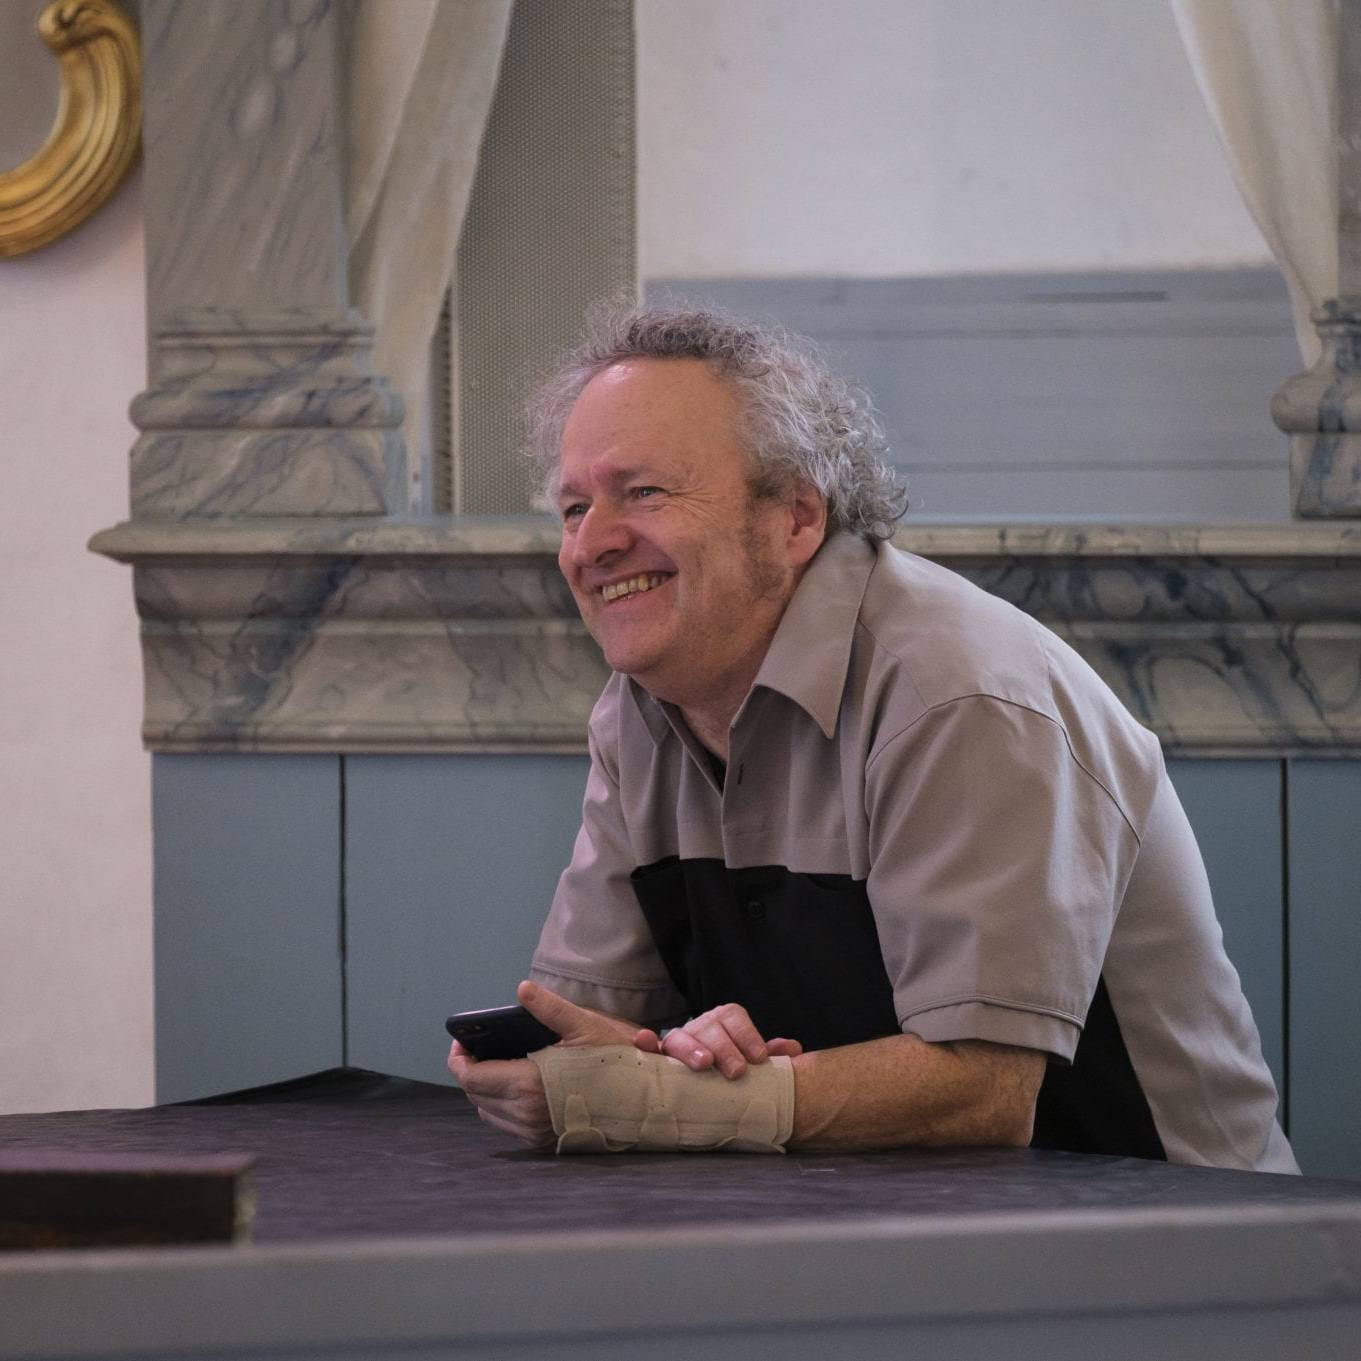 Komponist Wolfgang Plagge var særdeles fornøyd da alle musikere og sangere møttes for første gang til øving i begynnelsen av februar. Foto: Kurt Näslund.